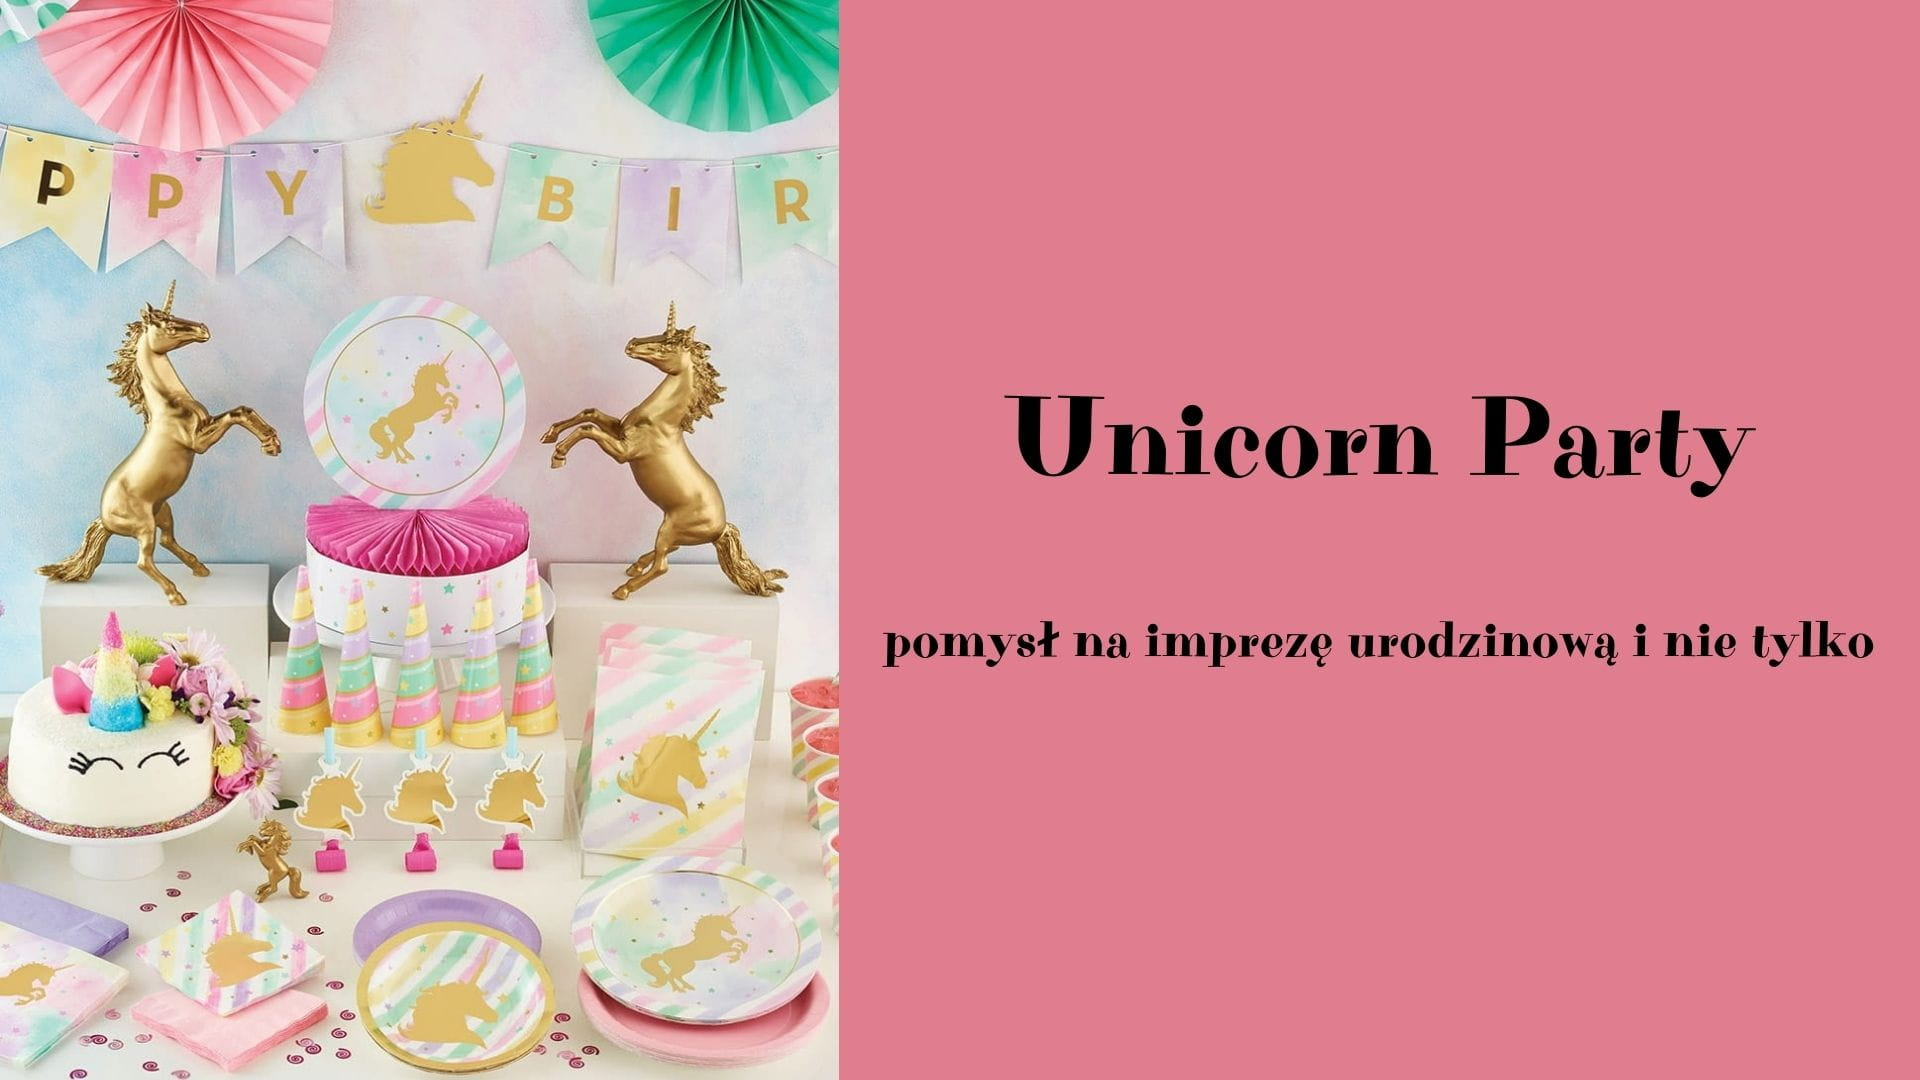 Unicorn Party - pomysł na imprezę urodzinową i nie tylko